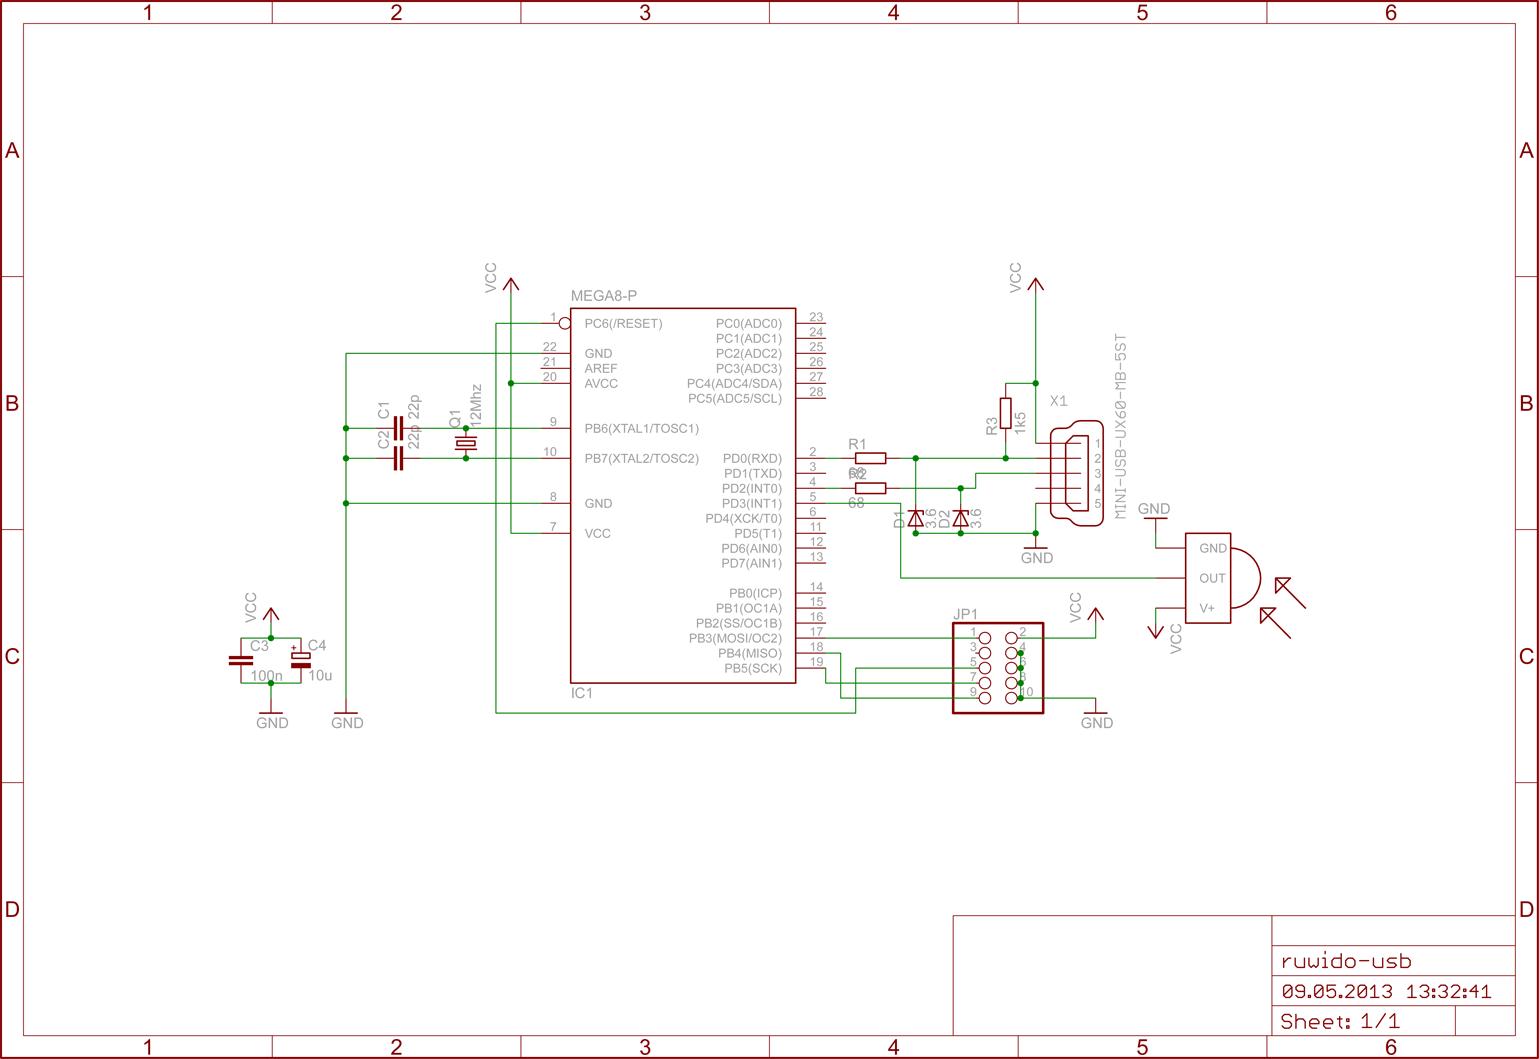 schematic-1-1